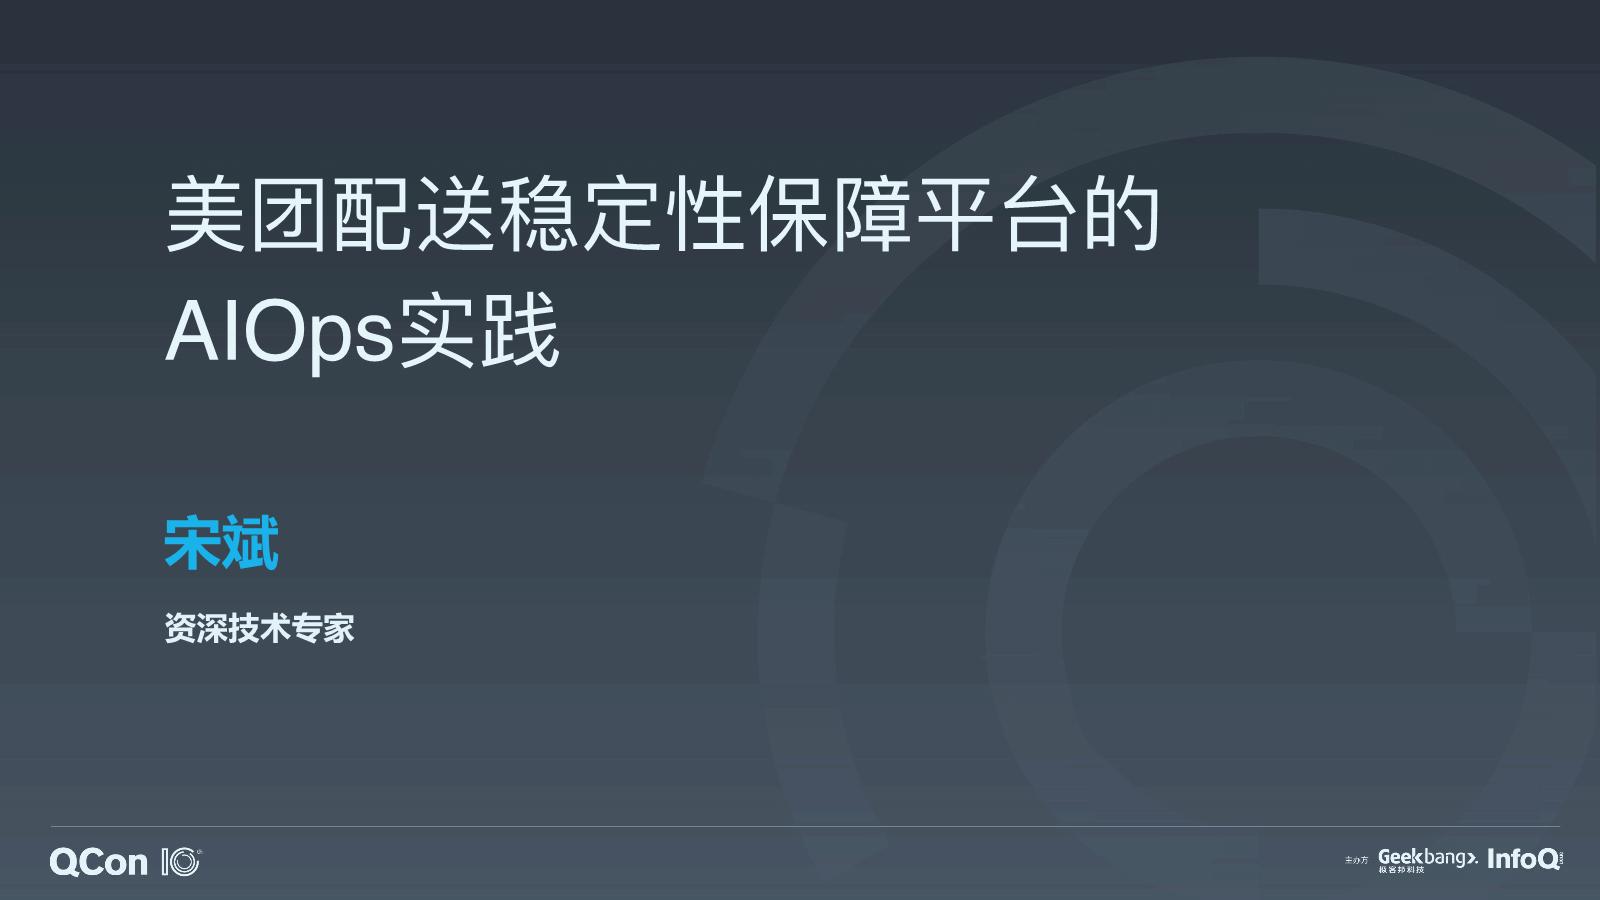 宋斌-美团一站式业务稳定性保障平台AIOps实践